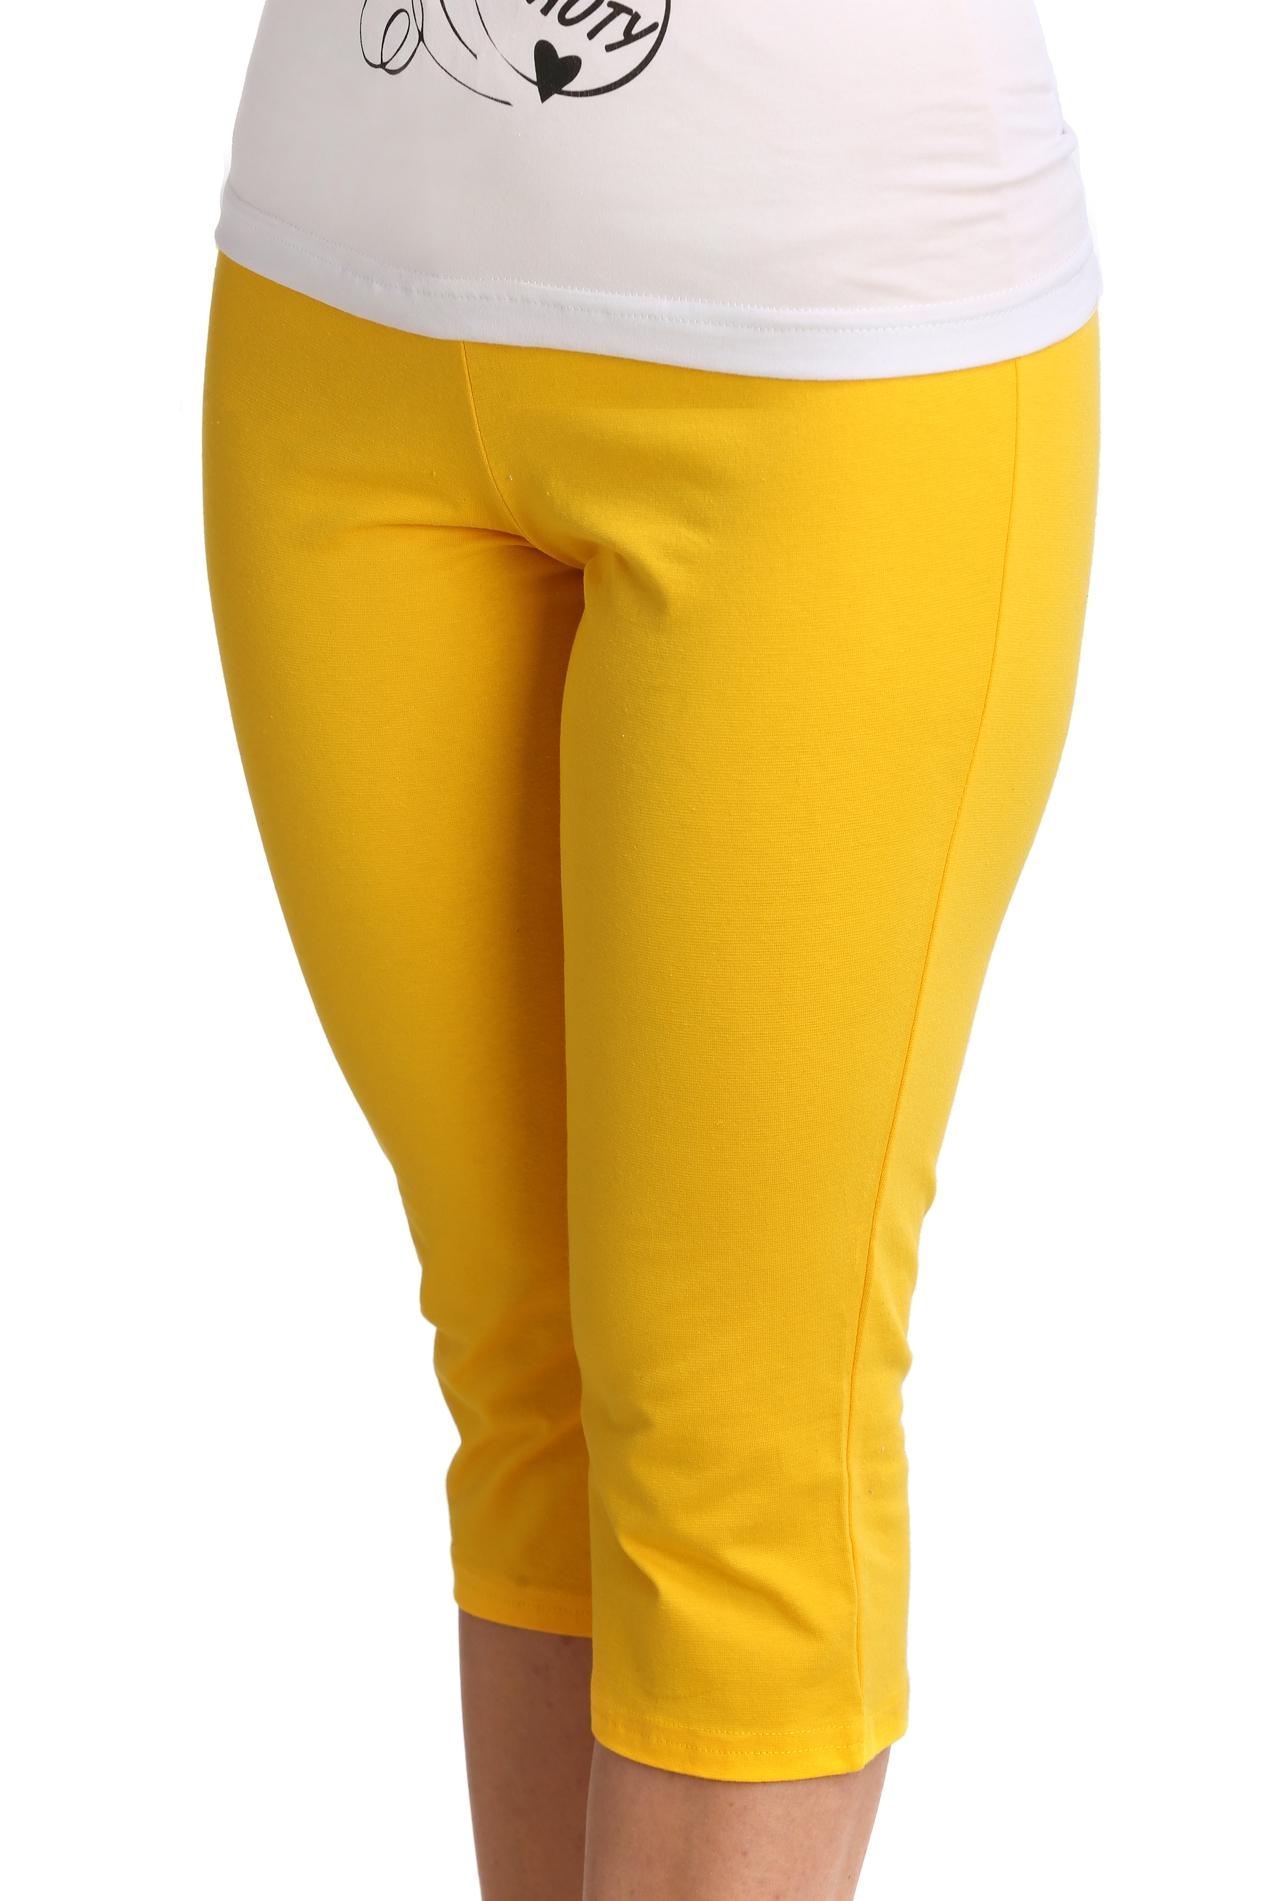 Жен. бриджи арт. 16-0072 Желтый р. 64 - Женская одежда артикул: 21269